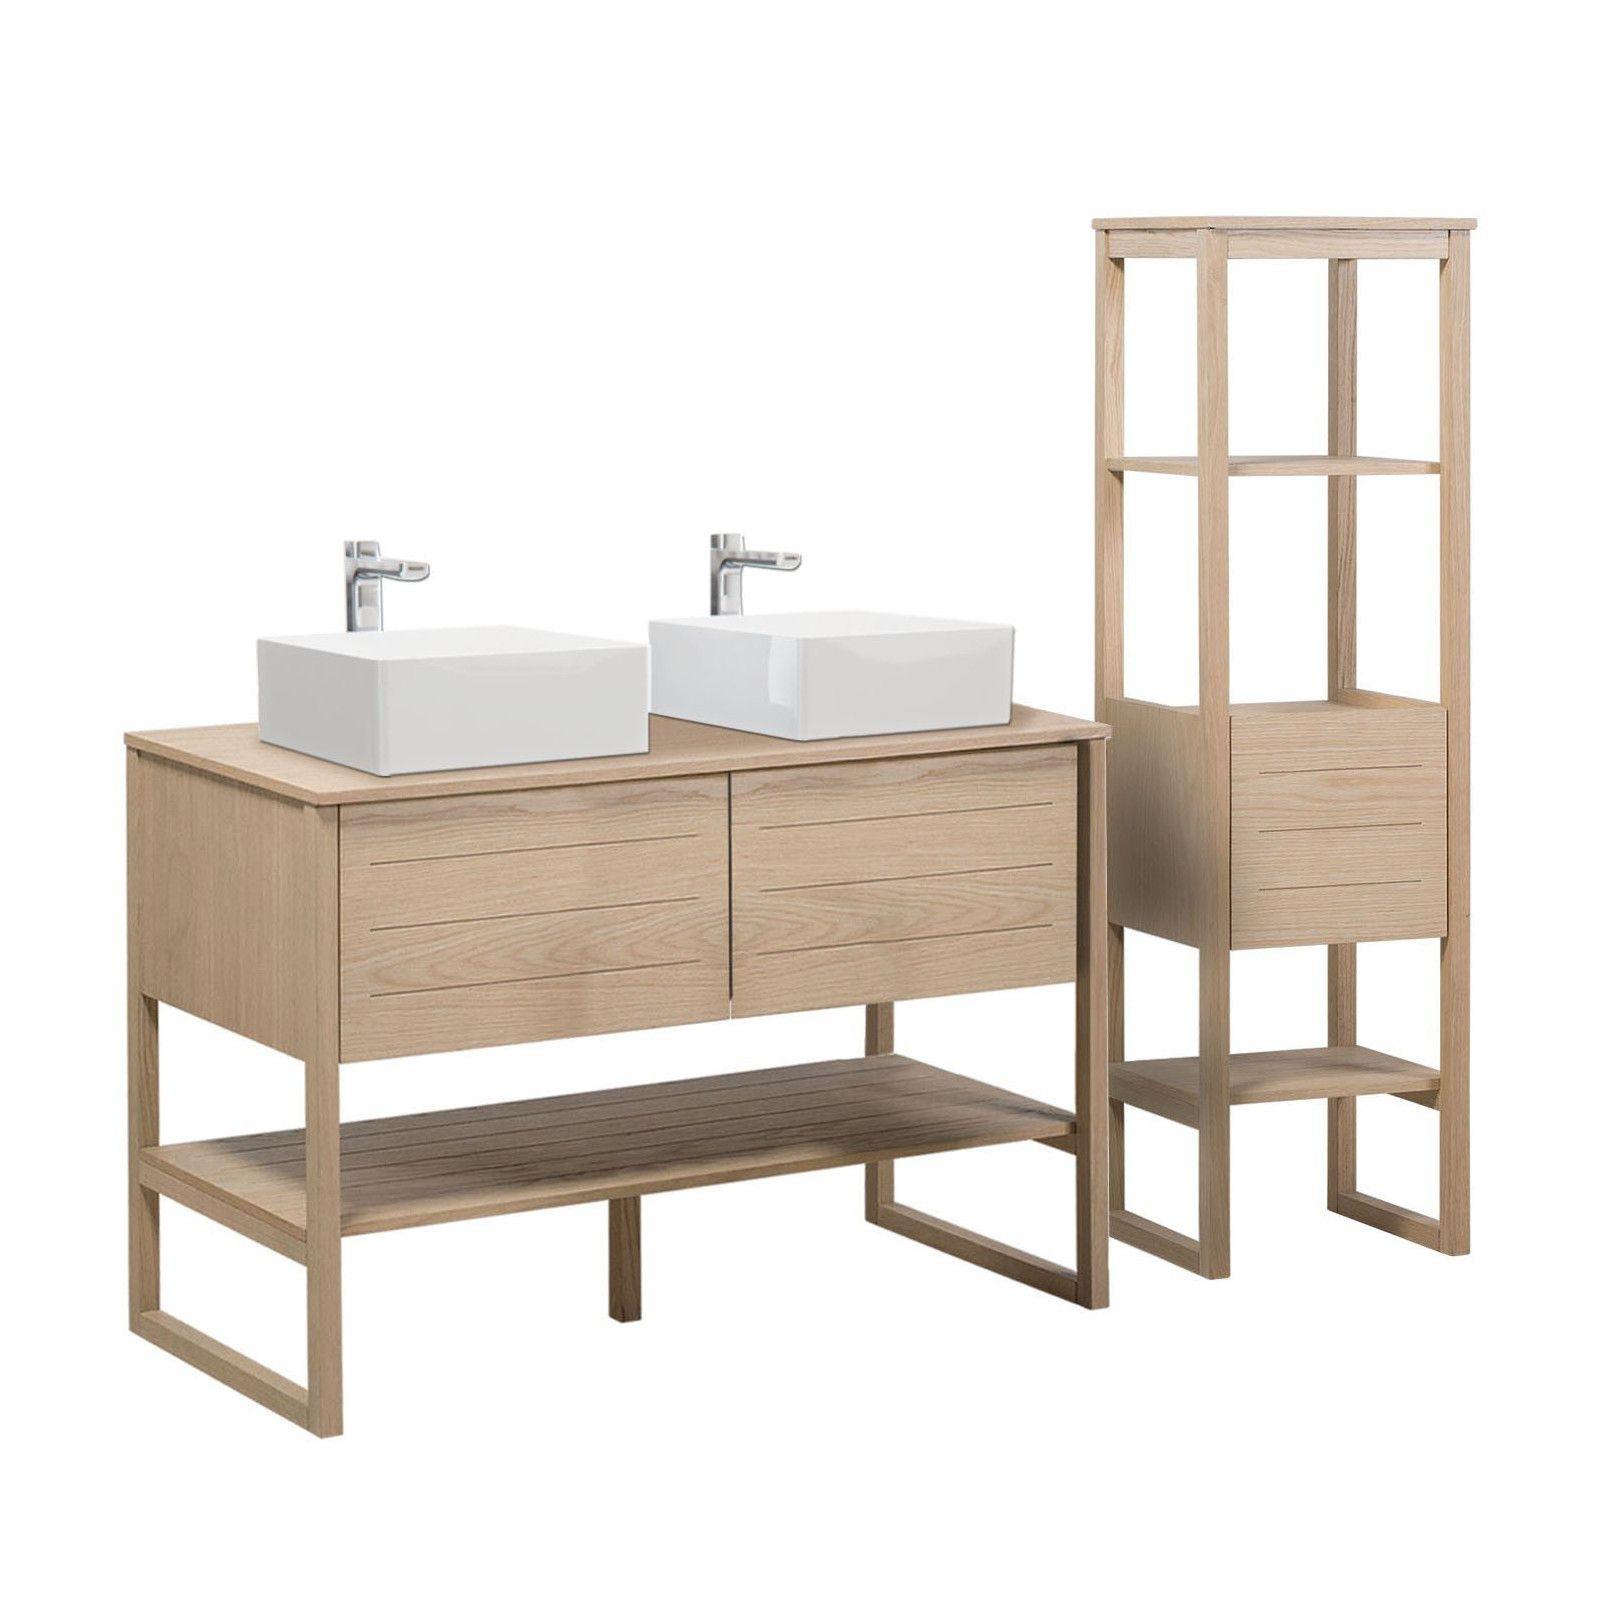 Meuble de salle de bain avec Vasques et Colonne effet bois clair